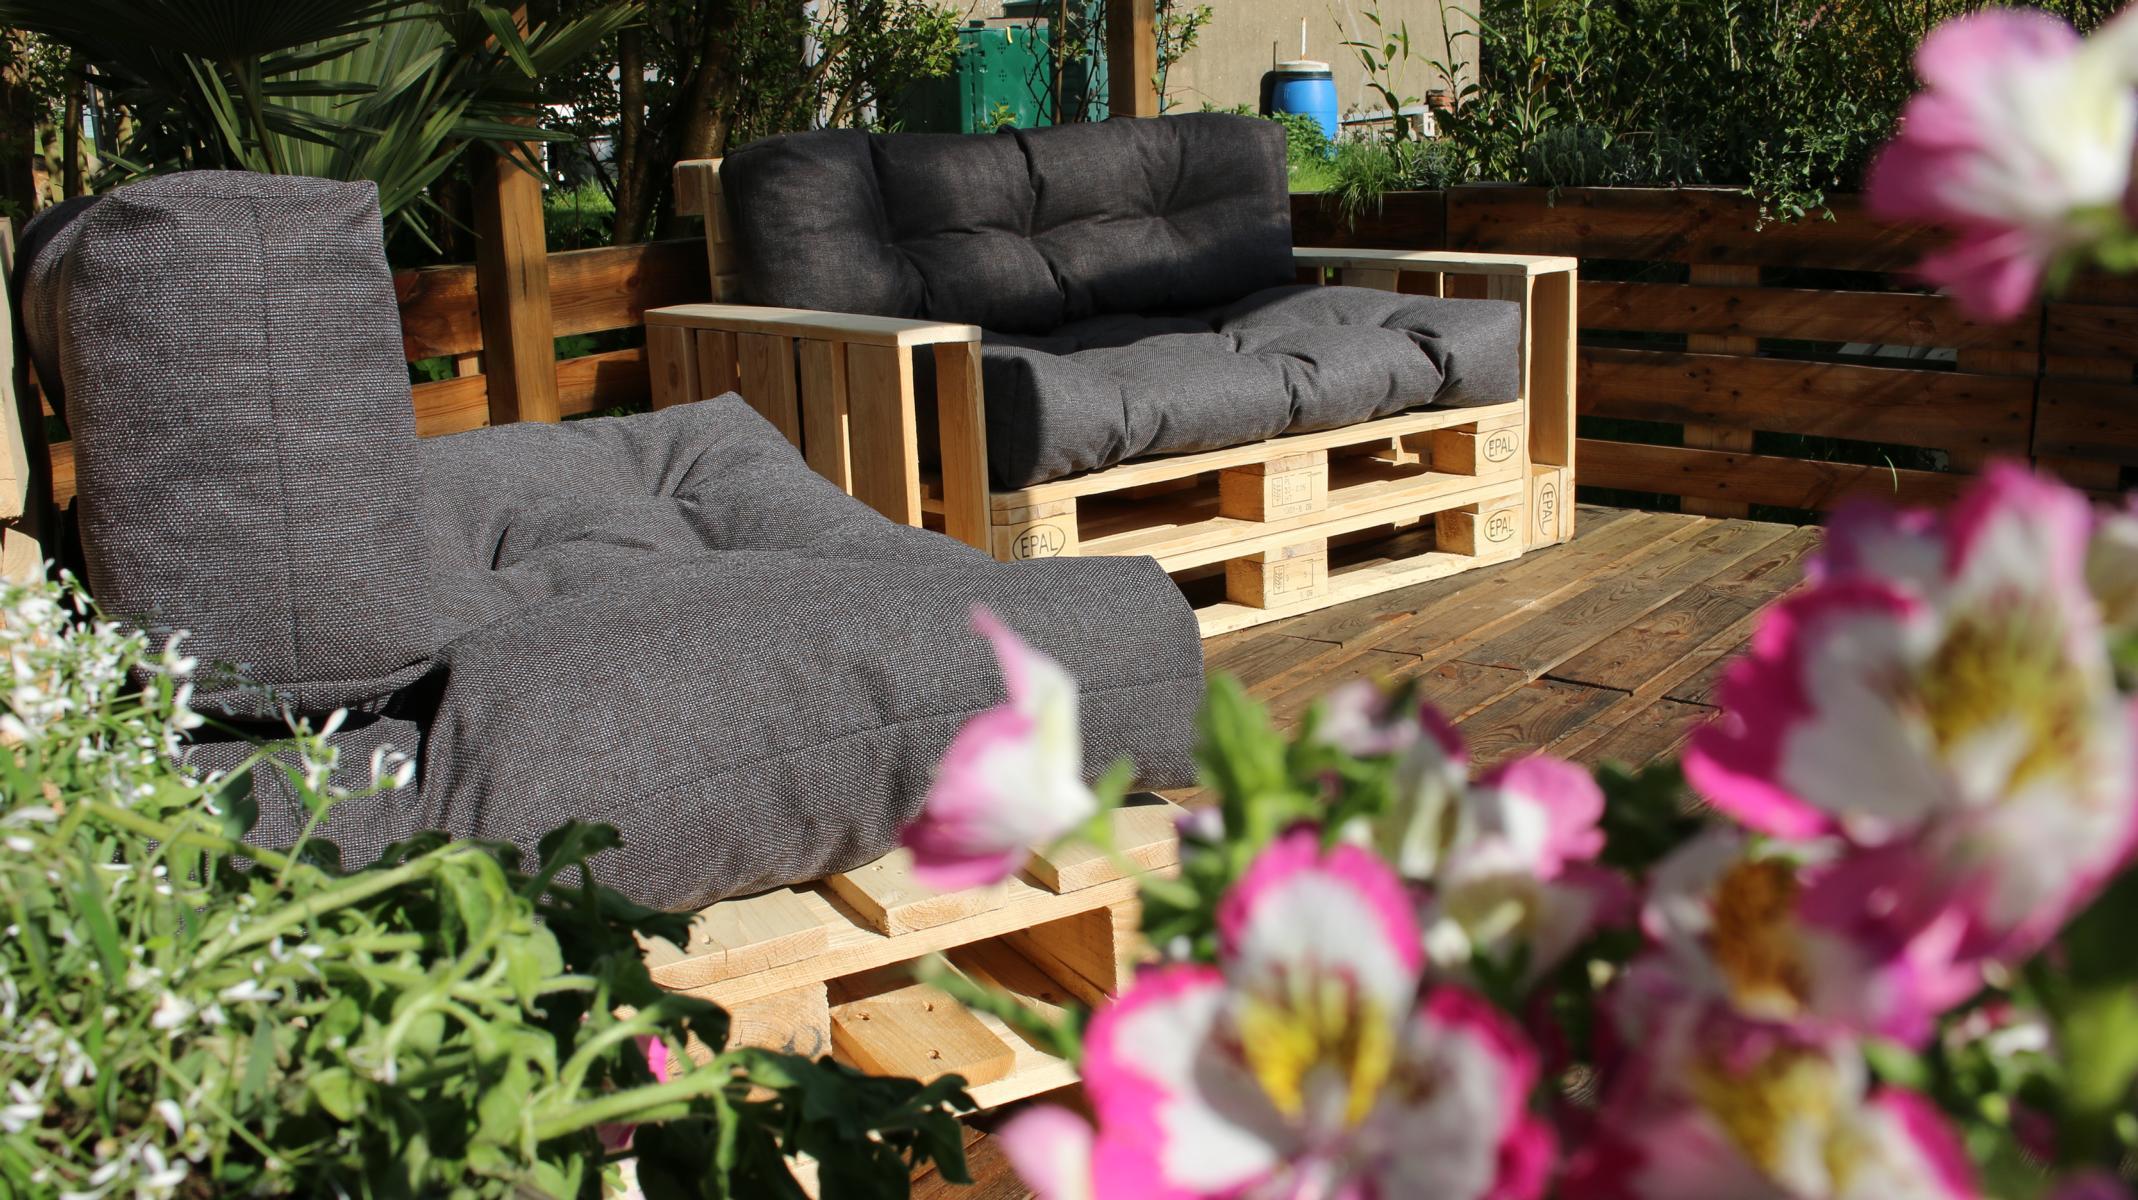 ᐅ gartenmöbel aus paletten ᐅ ideen & anleitungen | diy & shop angebote